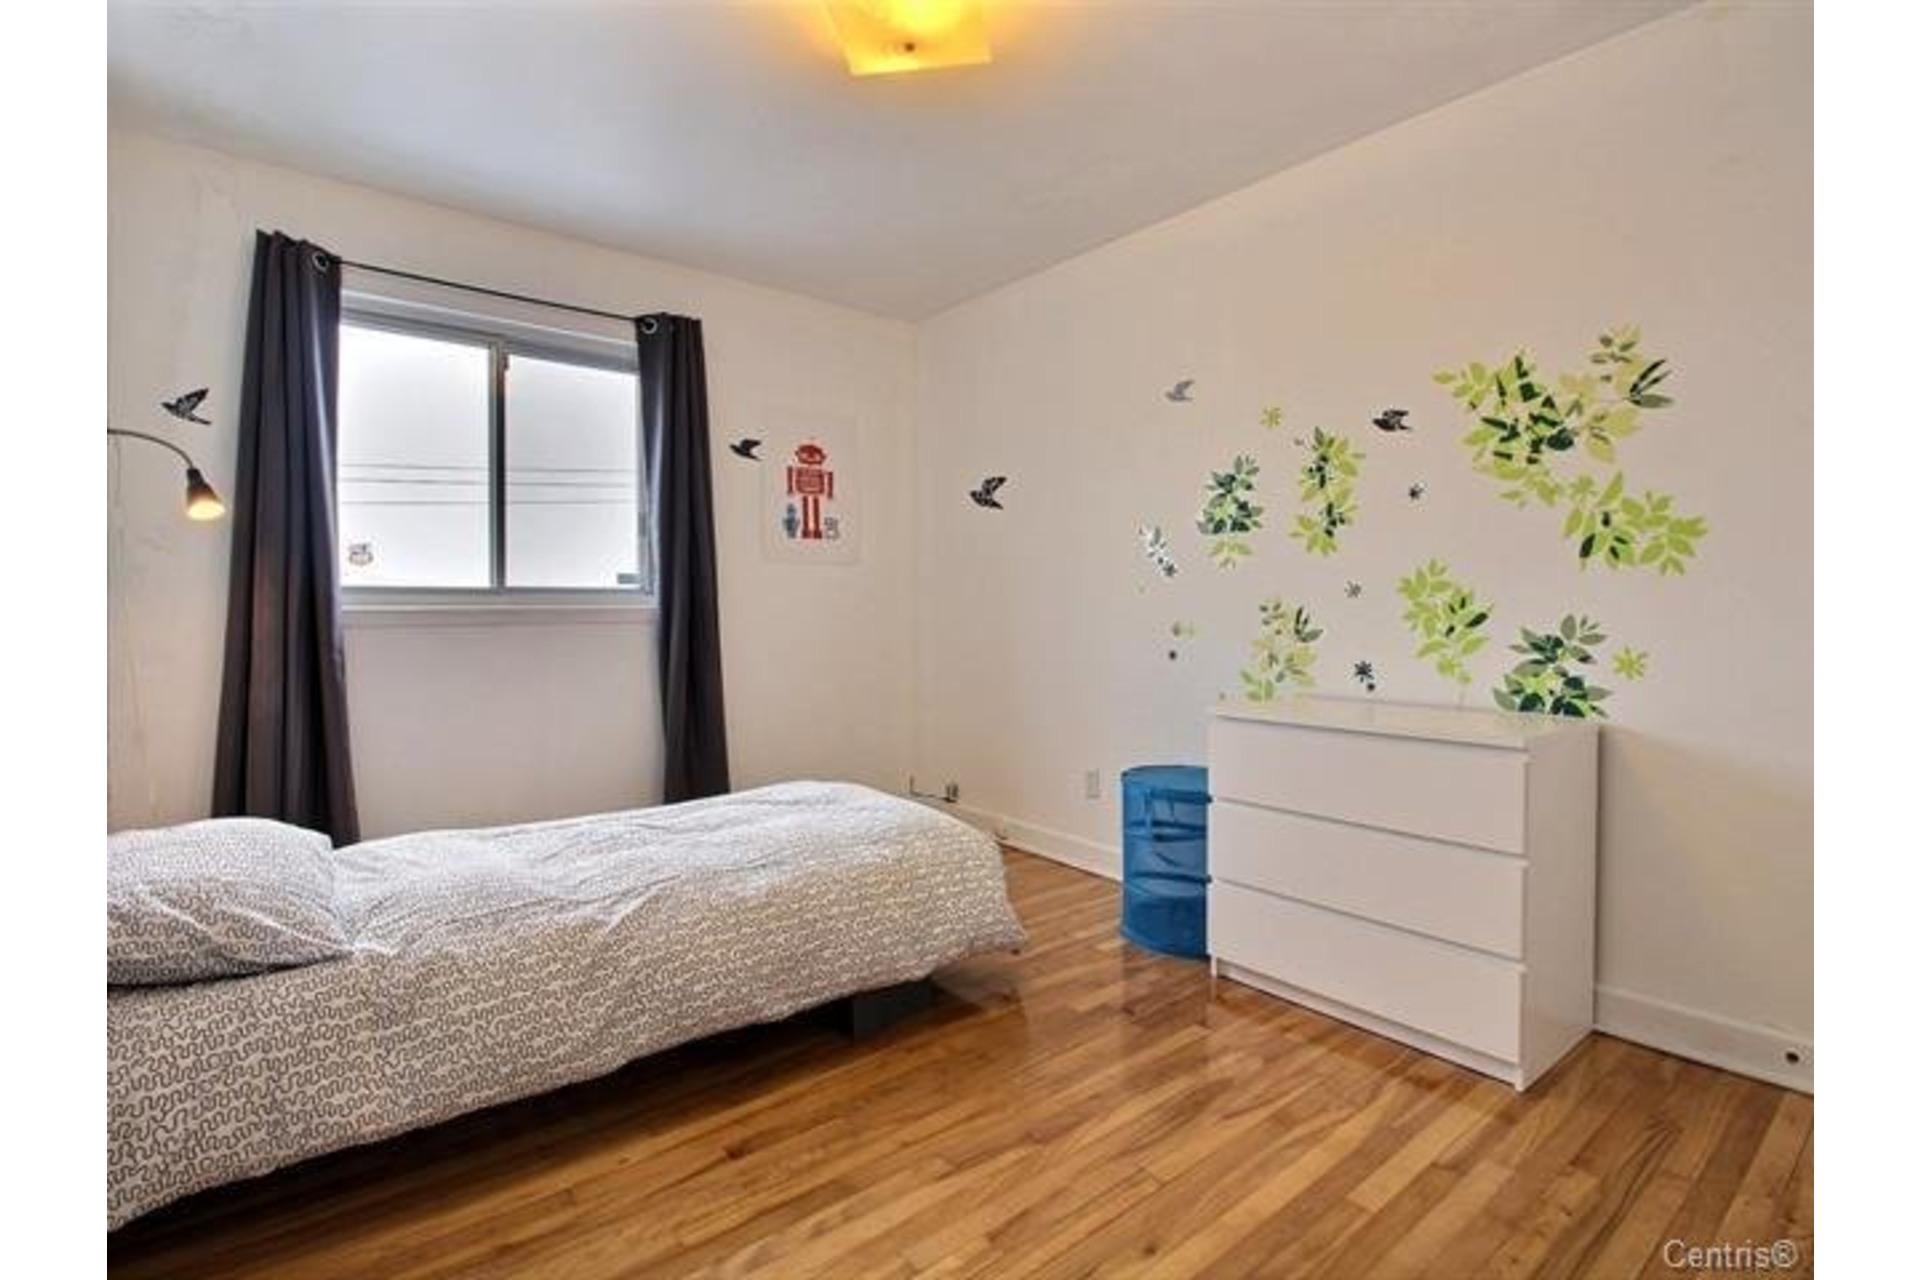 image 11 - Apartment For rent Montréal Mercier/Hochelaga-Maisonneuve  - 7 rooms